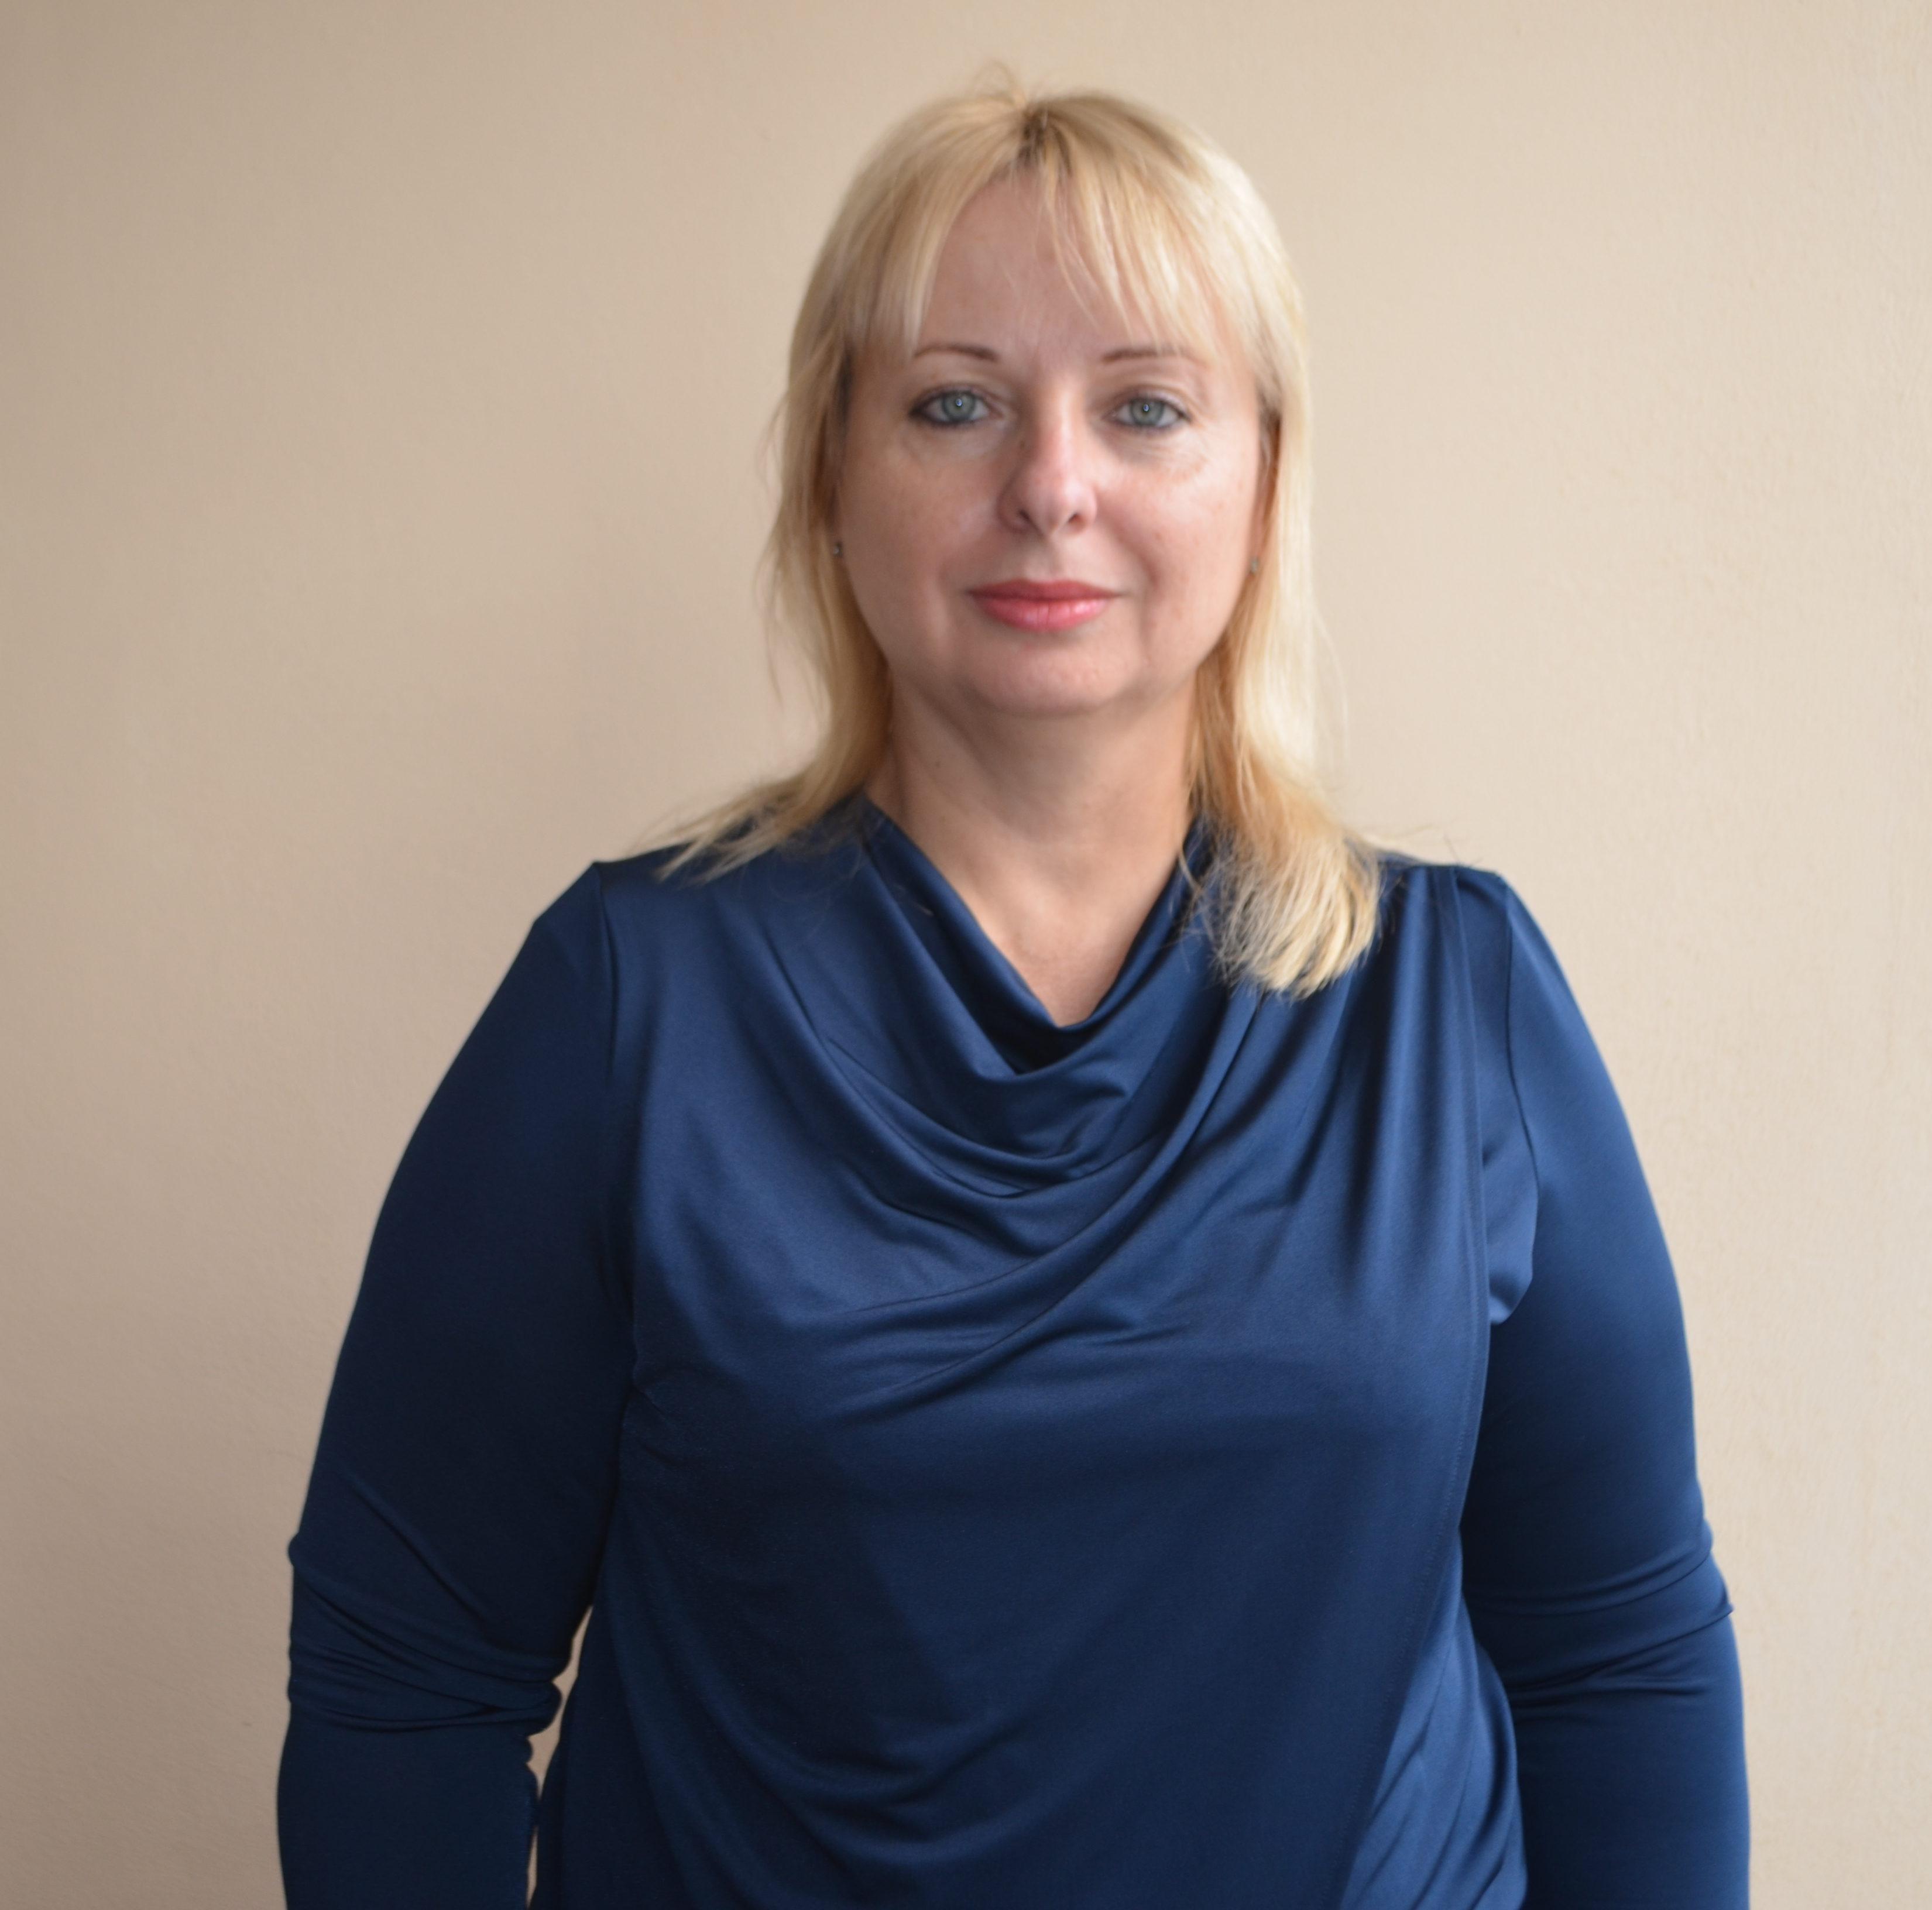 Дробітько Антоніна Вікторівна